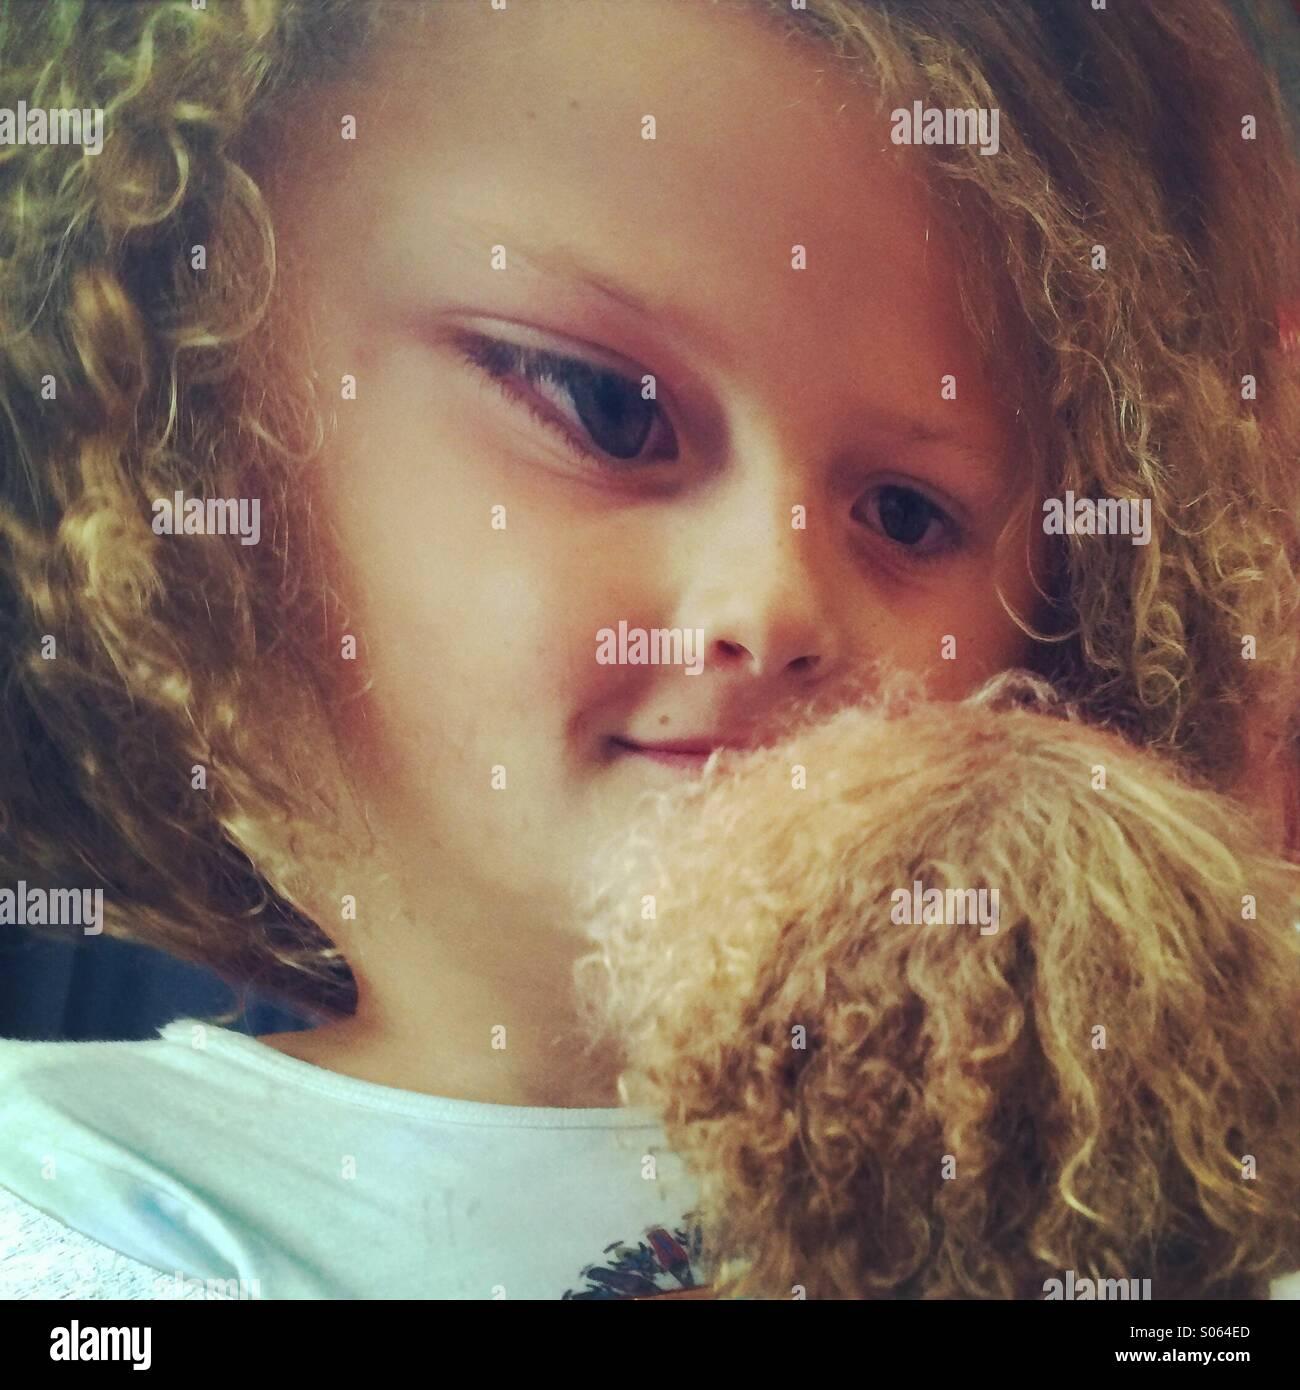 La ragazza di funhouse mirror, Seattle Center, Seattle, Washington - età 9 Immagini Stock